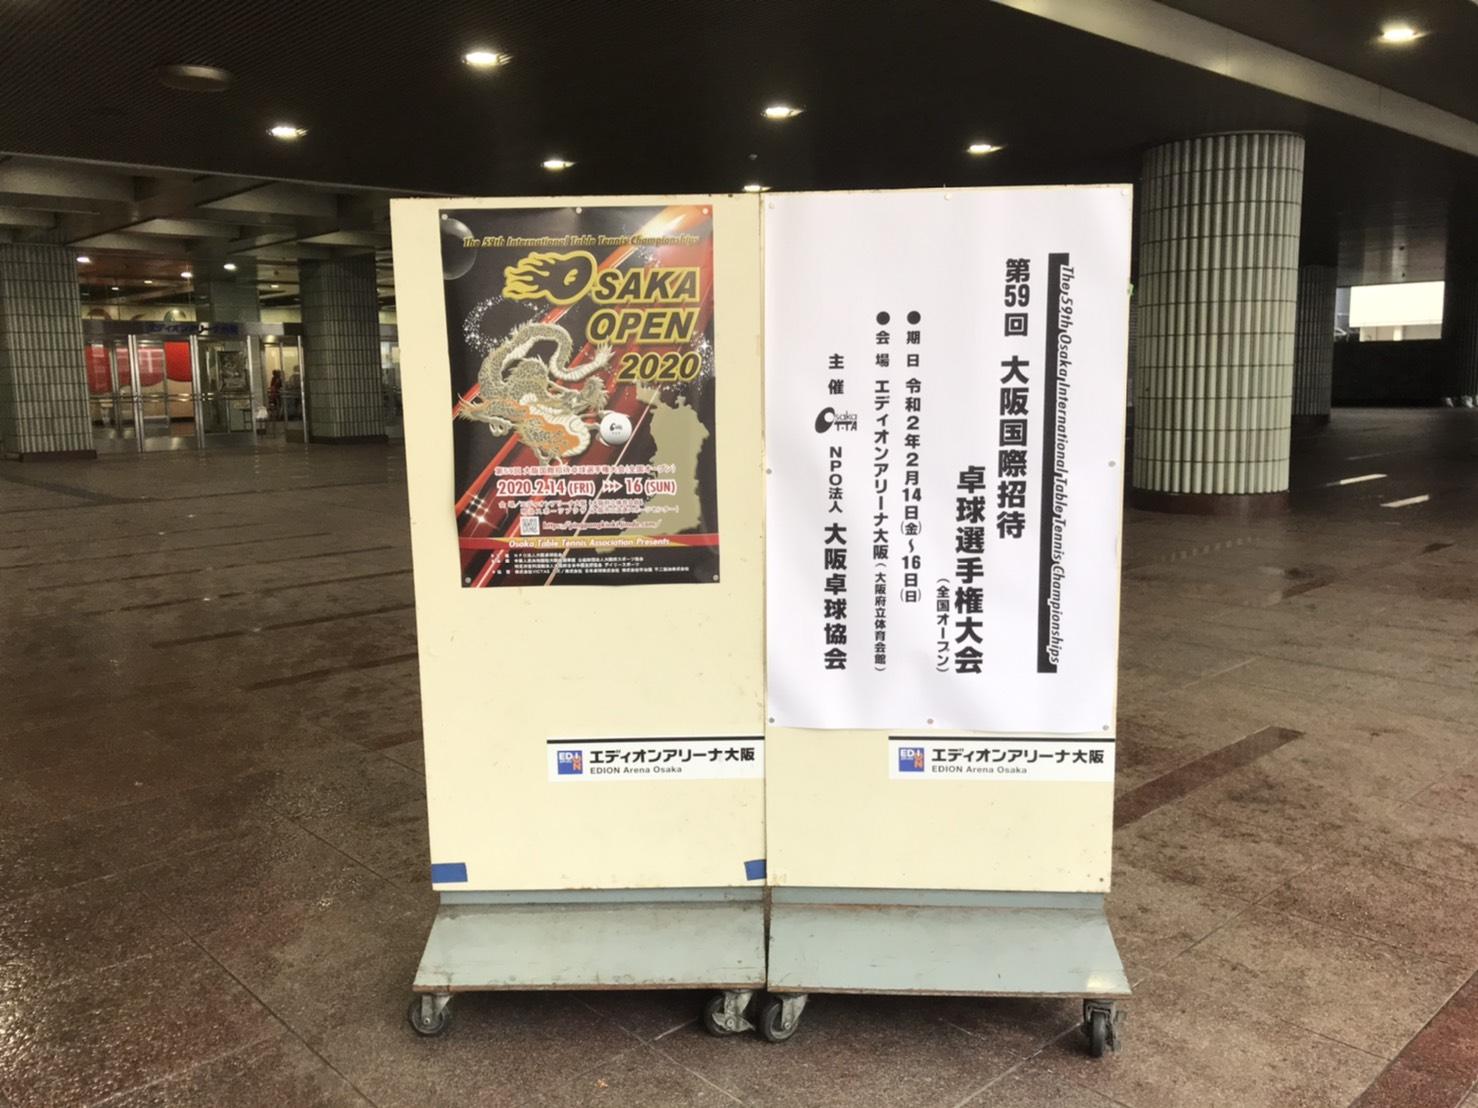 大阪オープン 卓球①